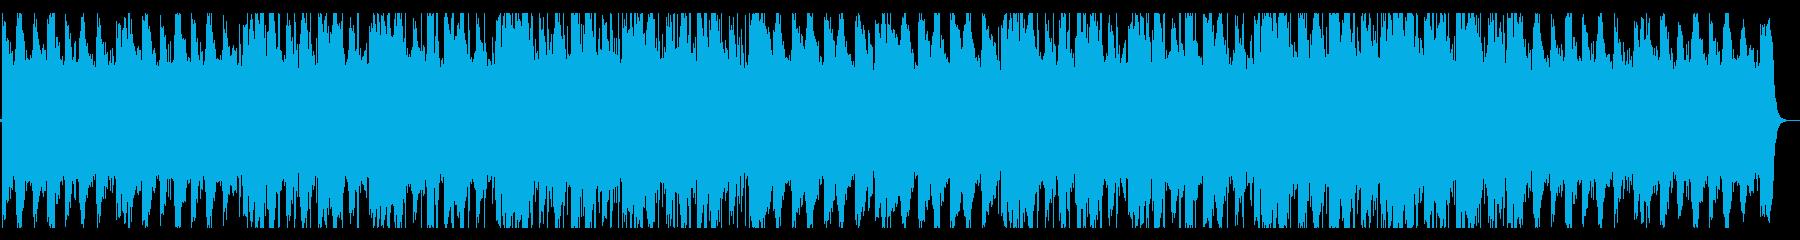 涼しげなHiphop_No383の再生済みの波形